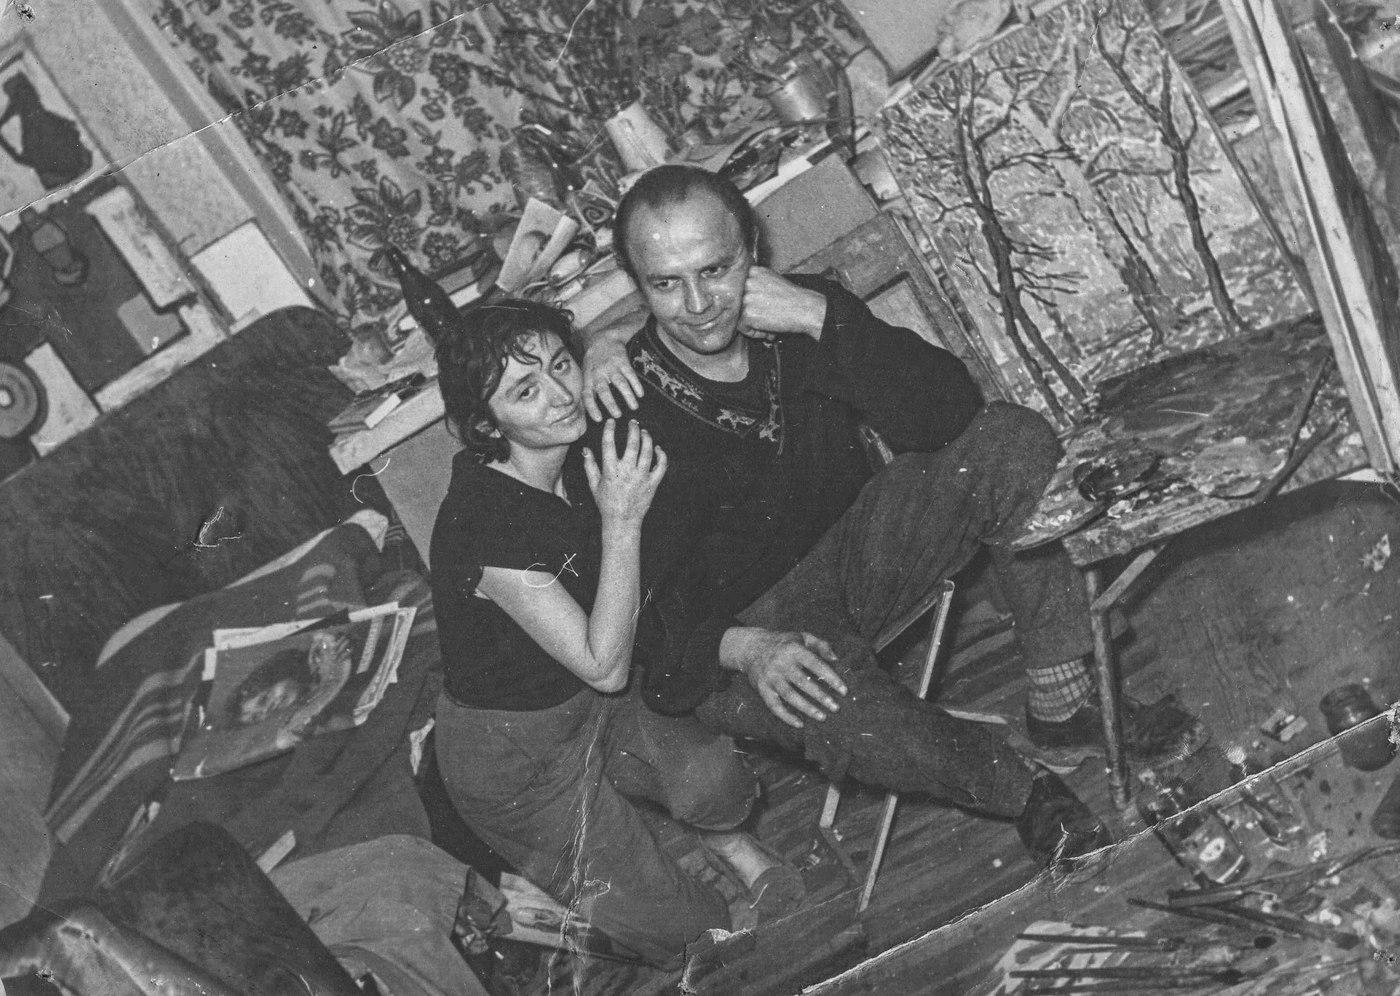 Єлизавета Кремницька і Павло Бедзір (Фотоархів А. Ковача)